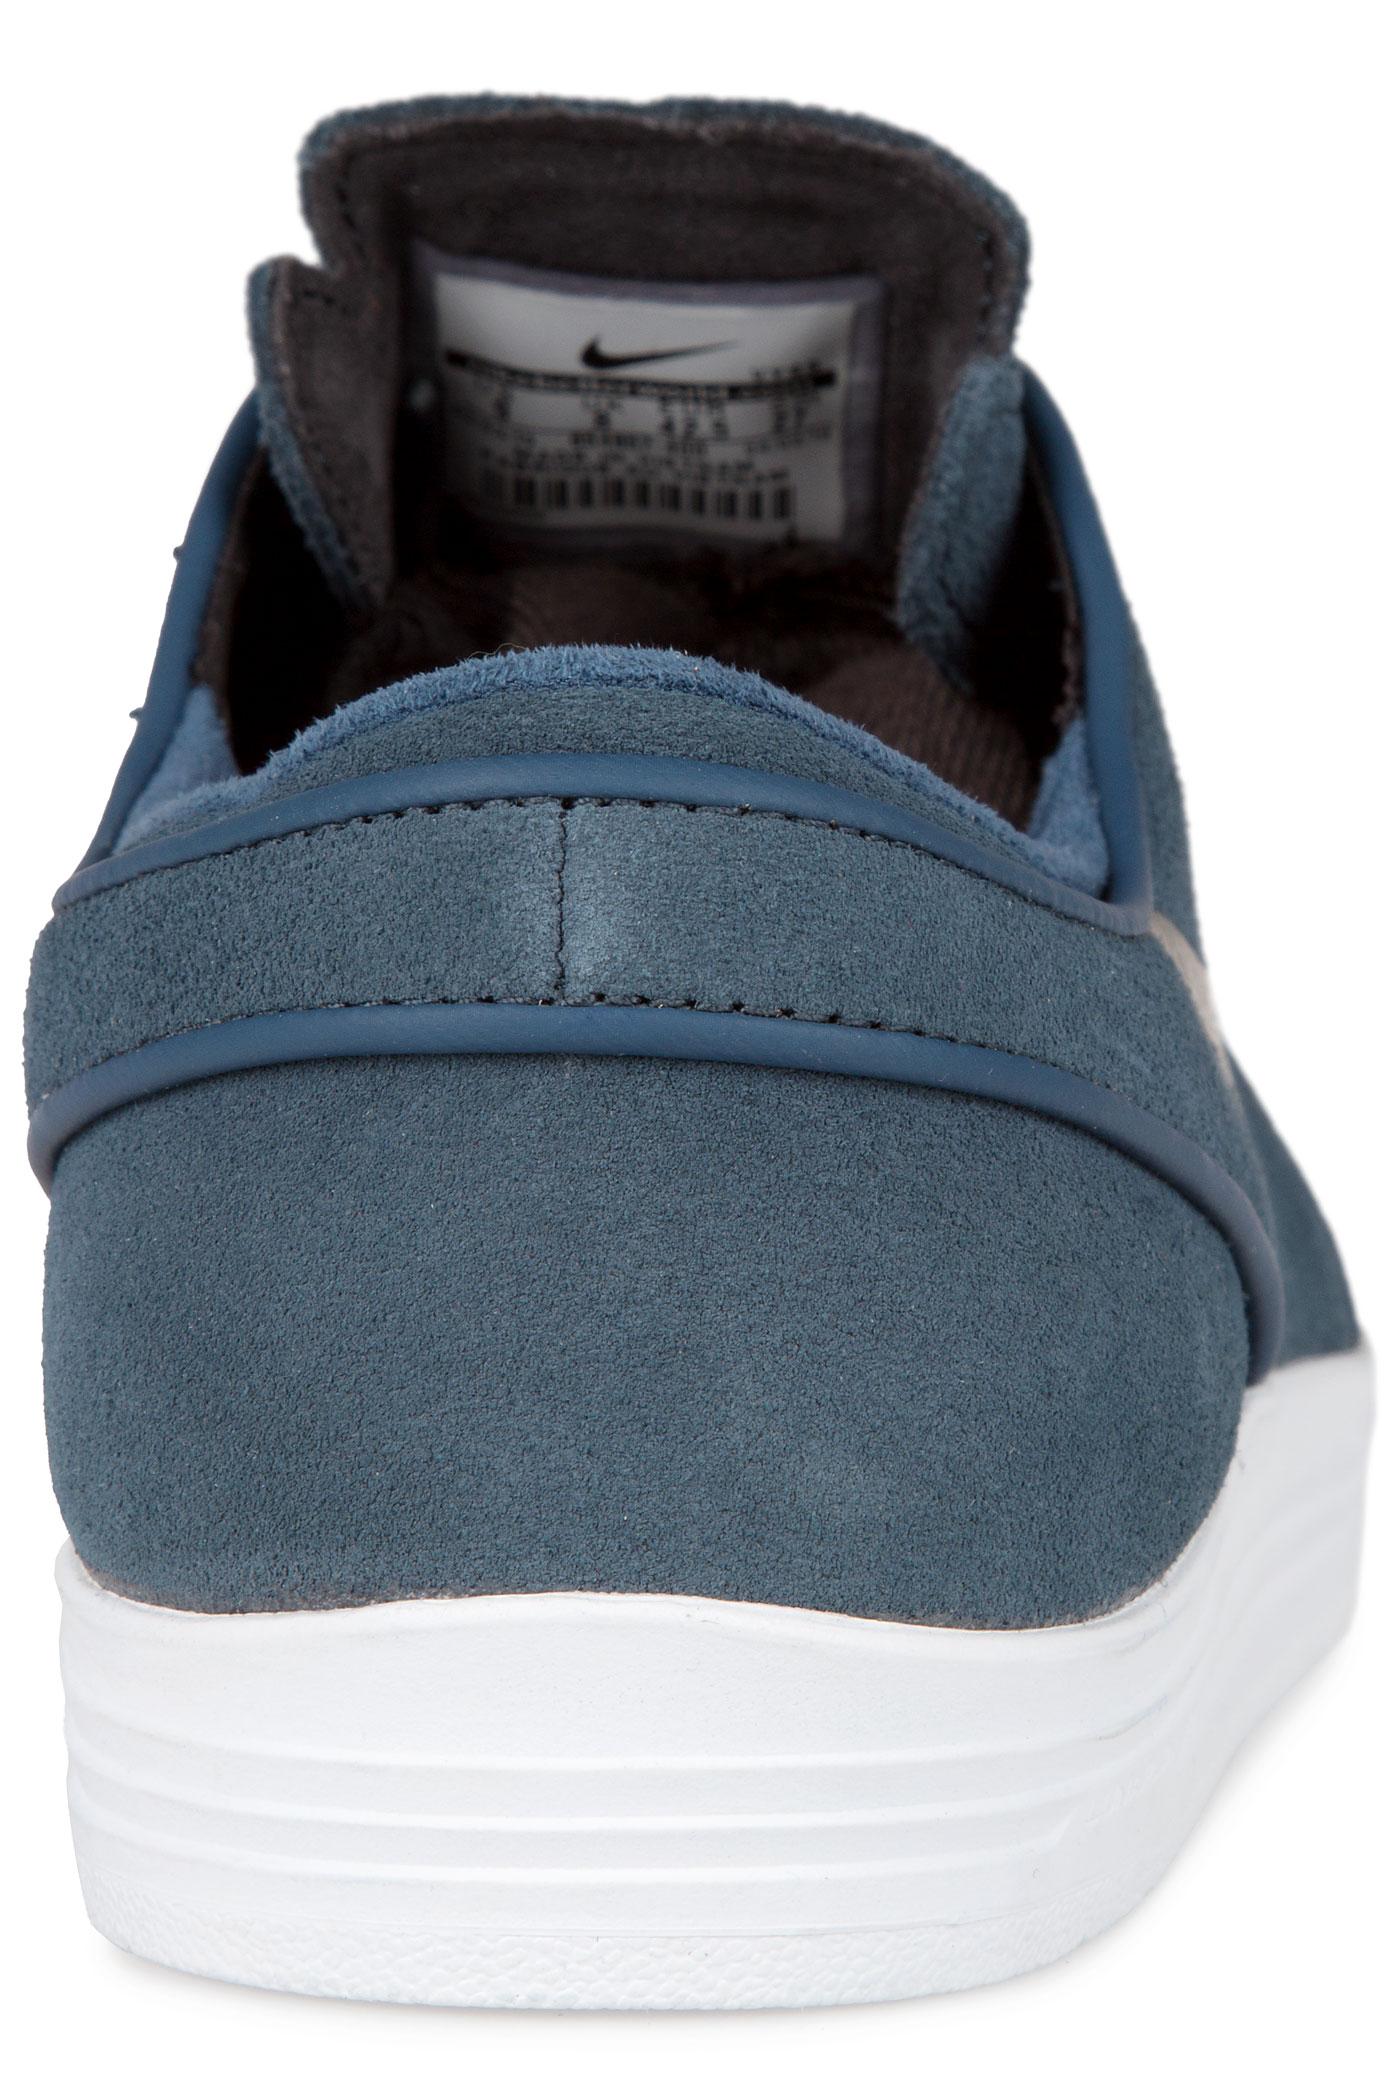 0dfbf0796cbb Nike SB Lunar Stefan Janoski Shoe (squadron blue black) buy at ...